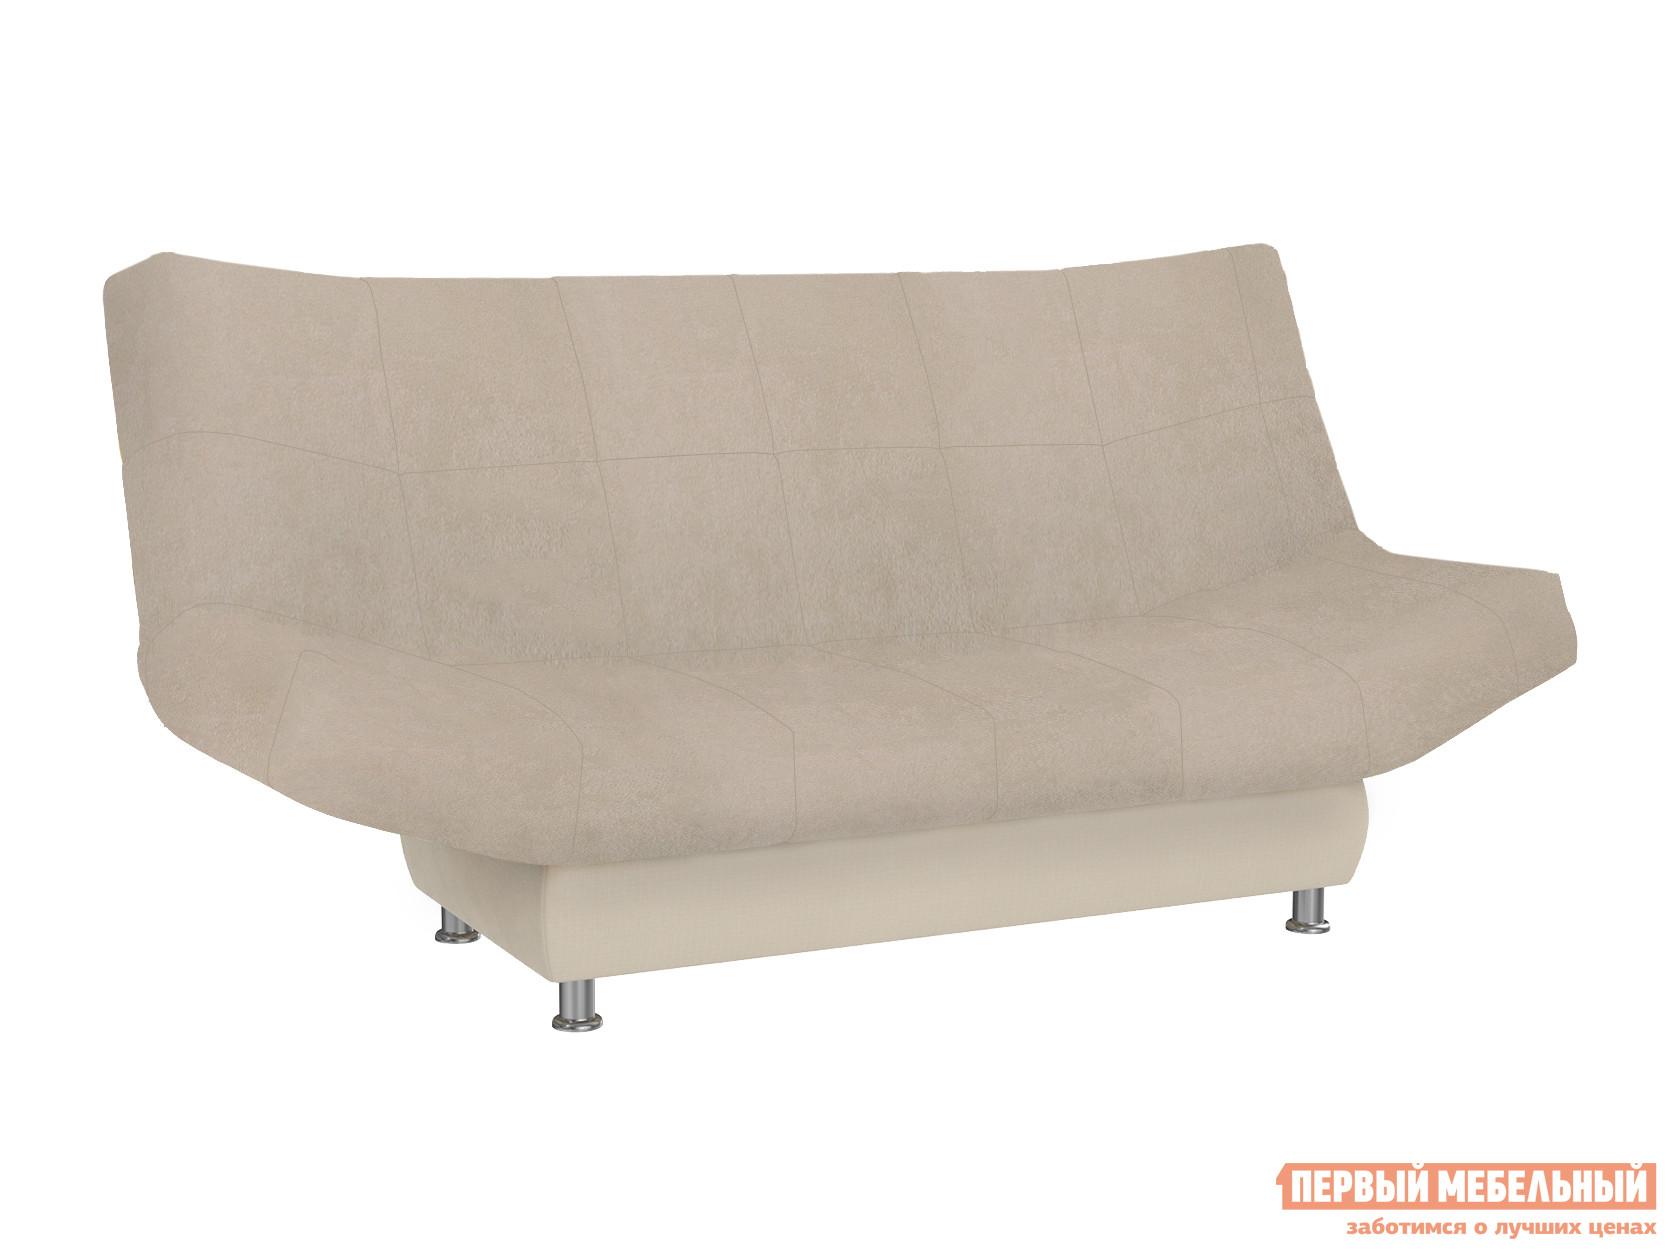 Прямой диван Первый Мебельный Клик-Кляк